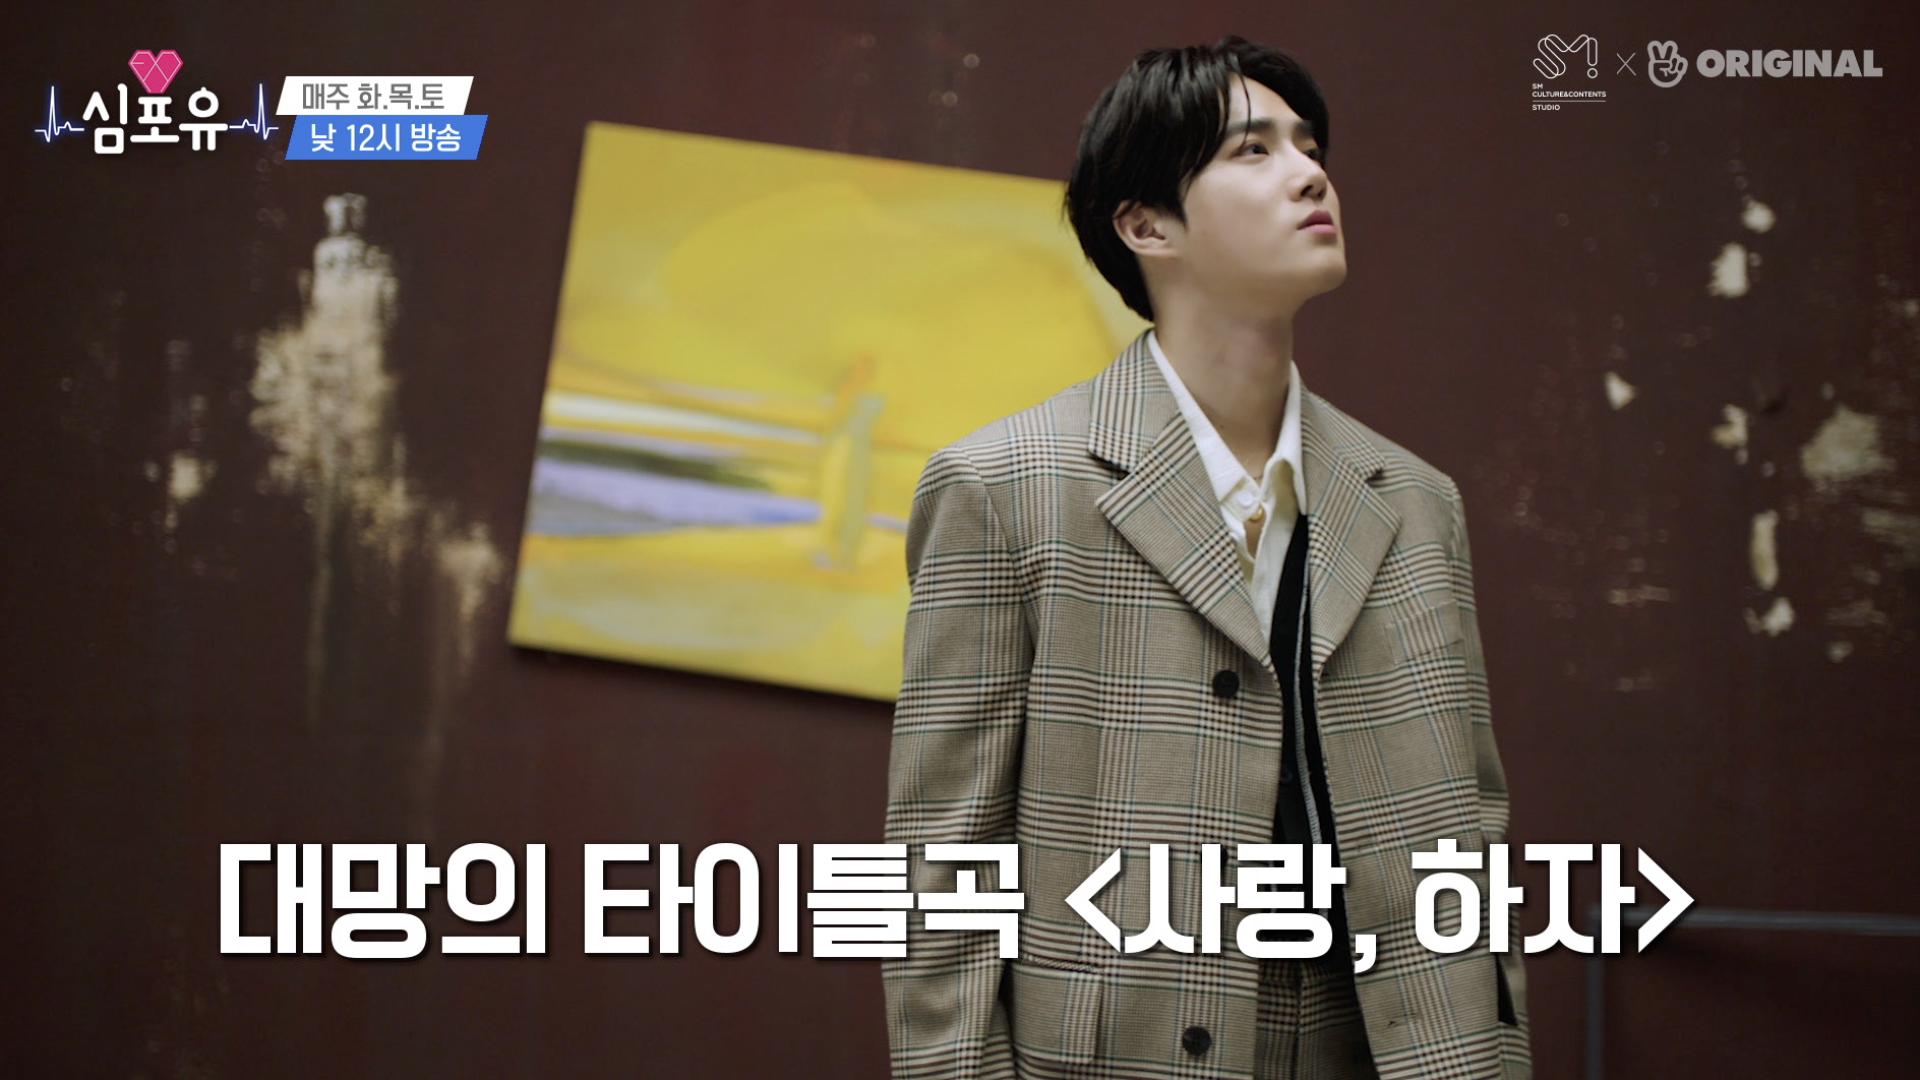 [심포유 #수호] #다음이야기 #대망의타이틀곡 #<사랑, 하자>